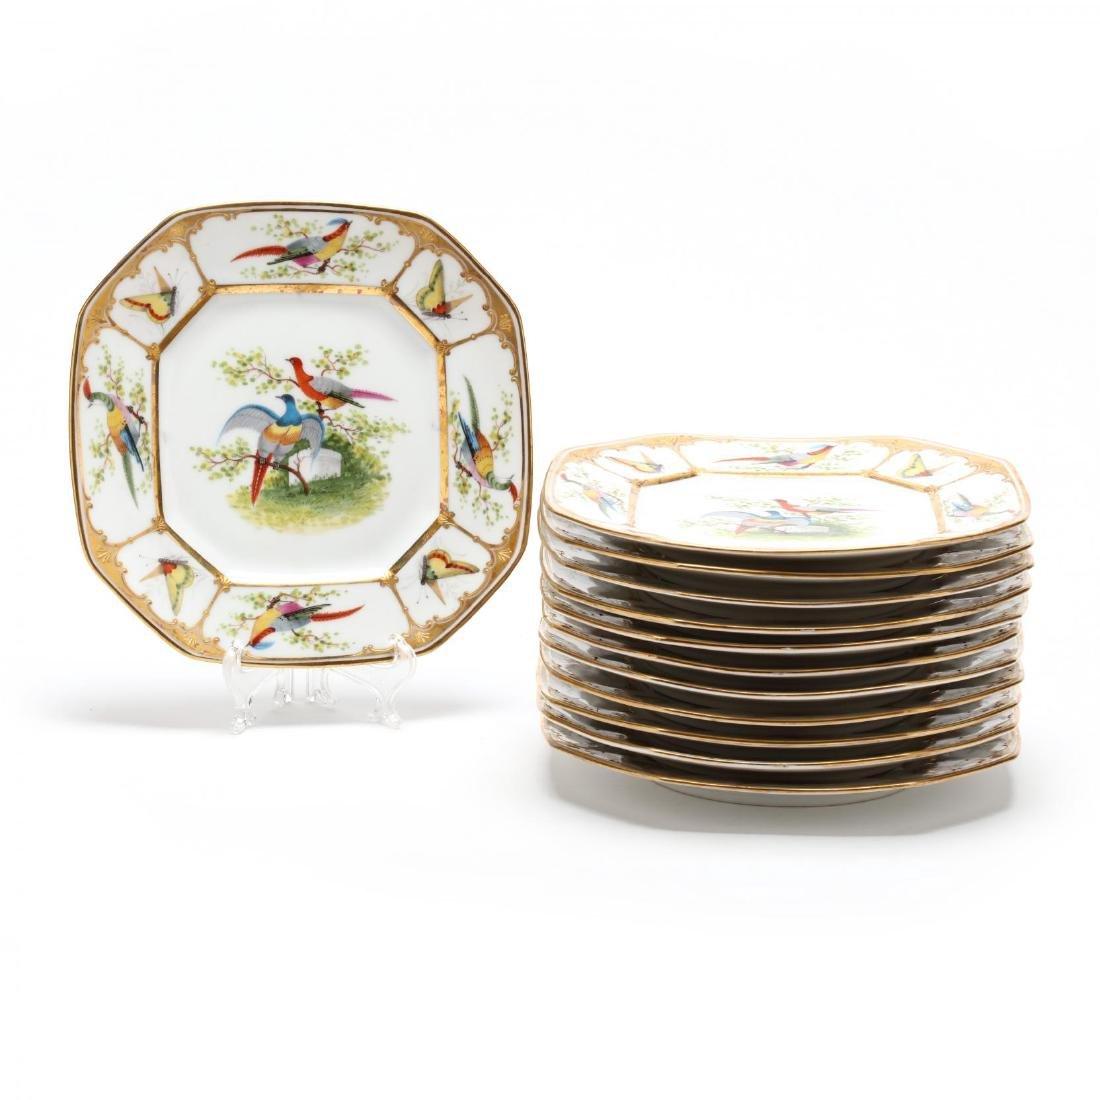 A Set of Twelve Porcelain Dessert Plates